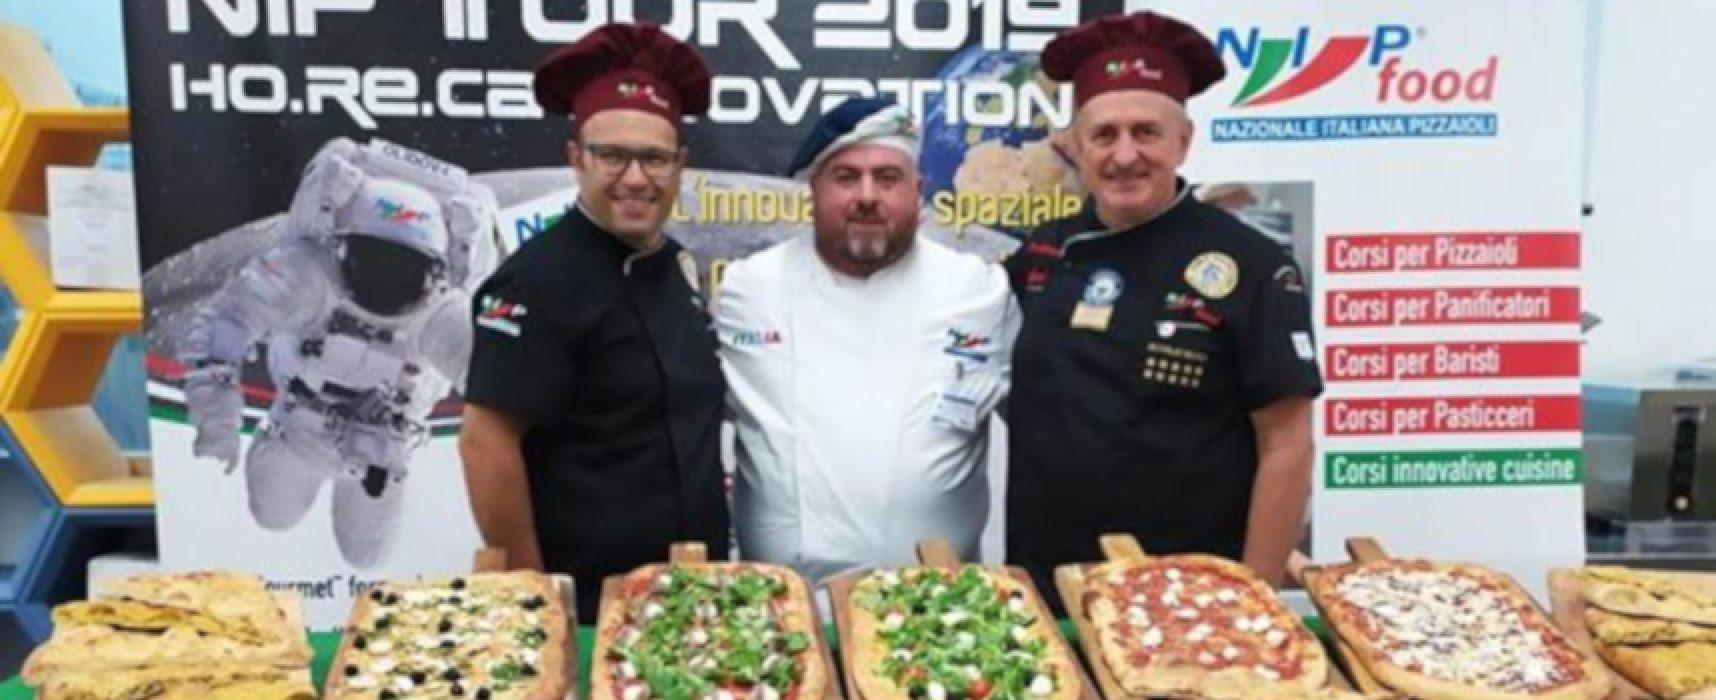 Finali Mondiali Ferrari, le pizze parleranno biscegliese grazie alla Nazionale Italiana Pizzaioli